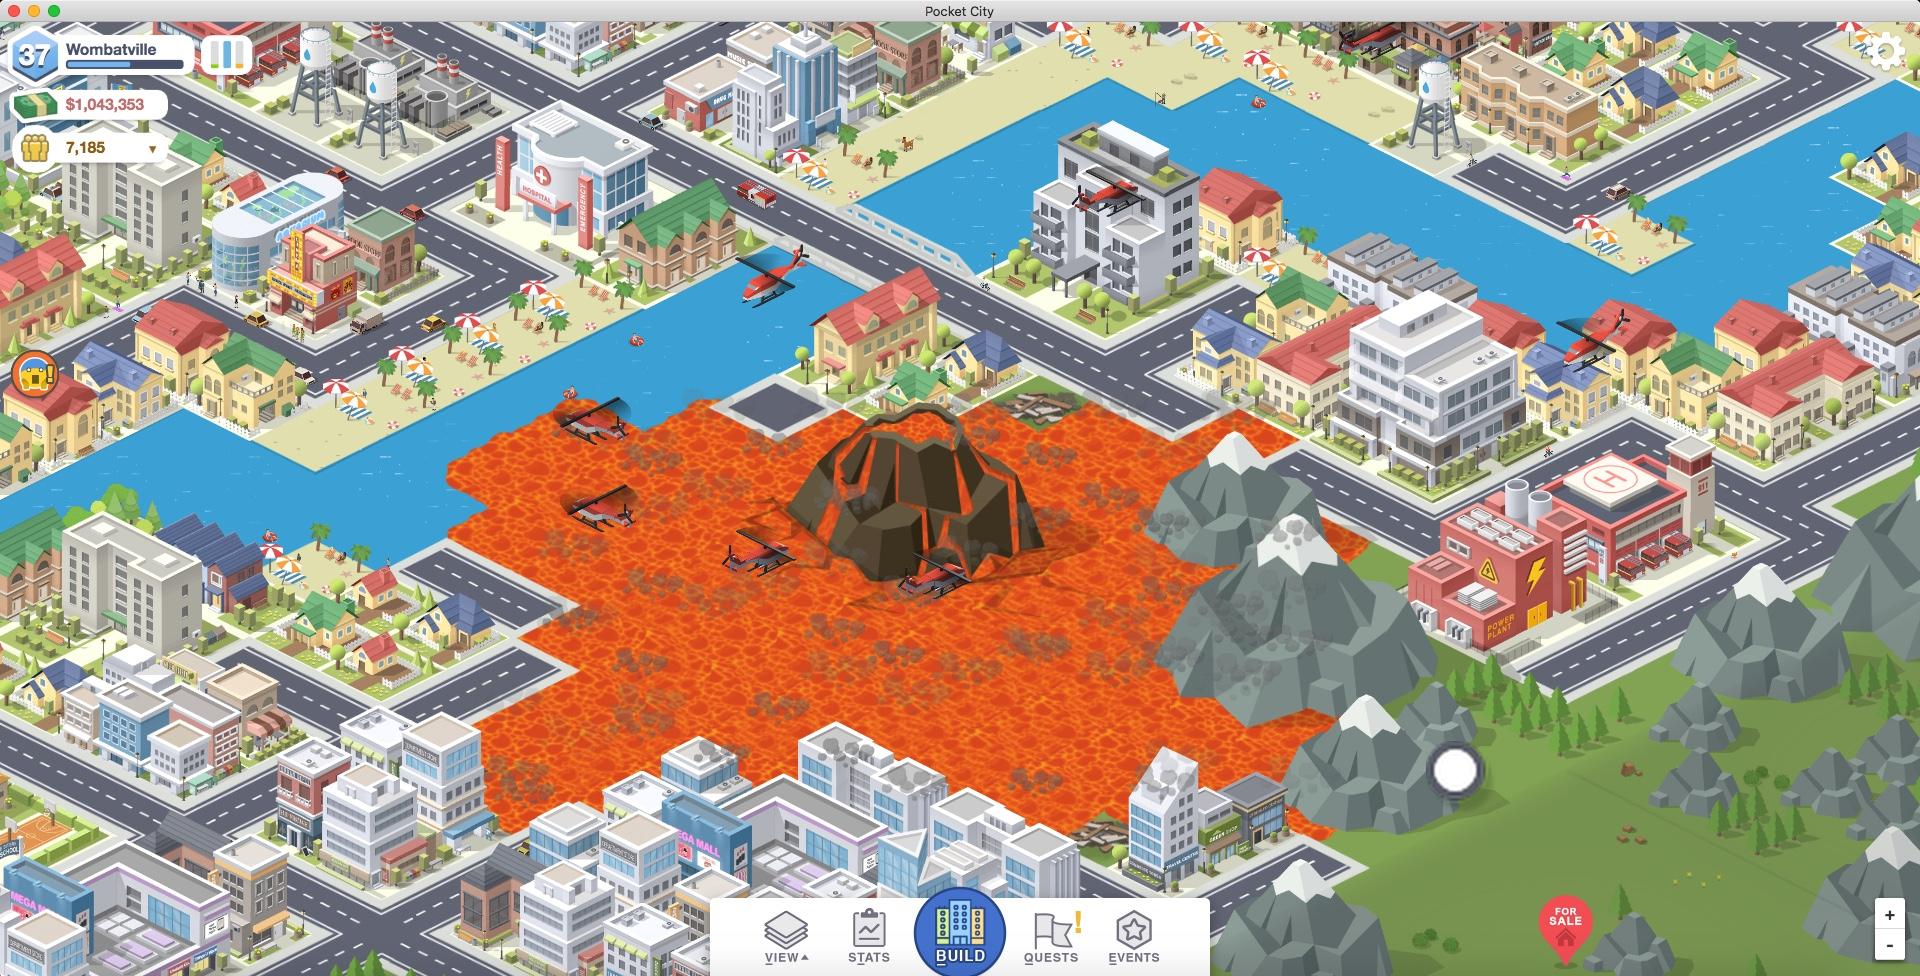 pocket-city-volcano